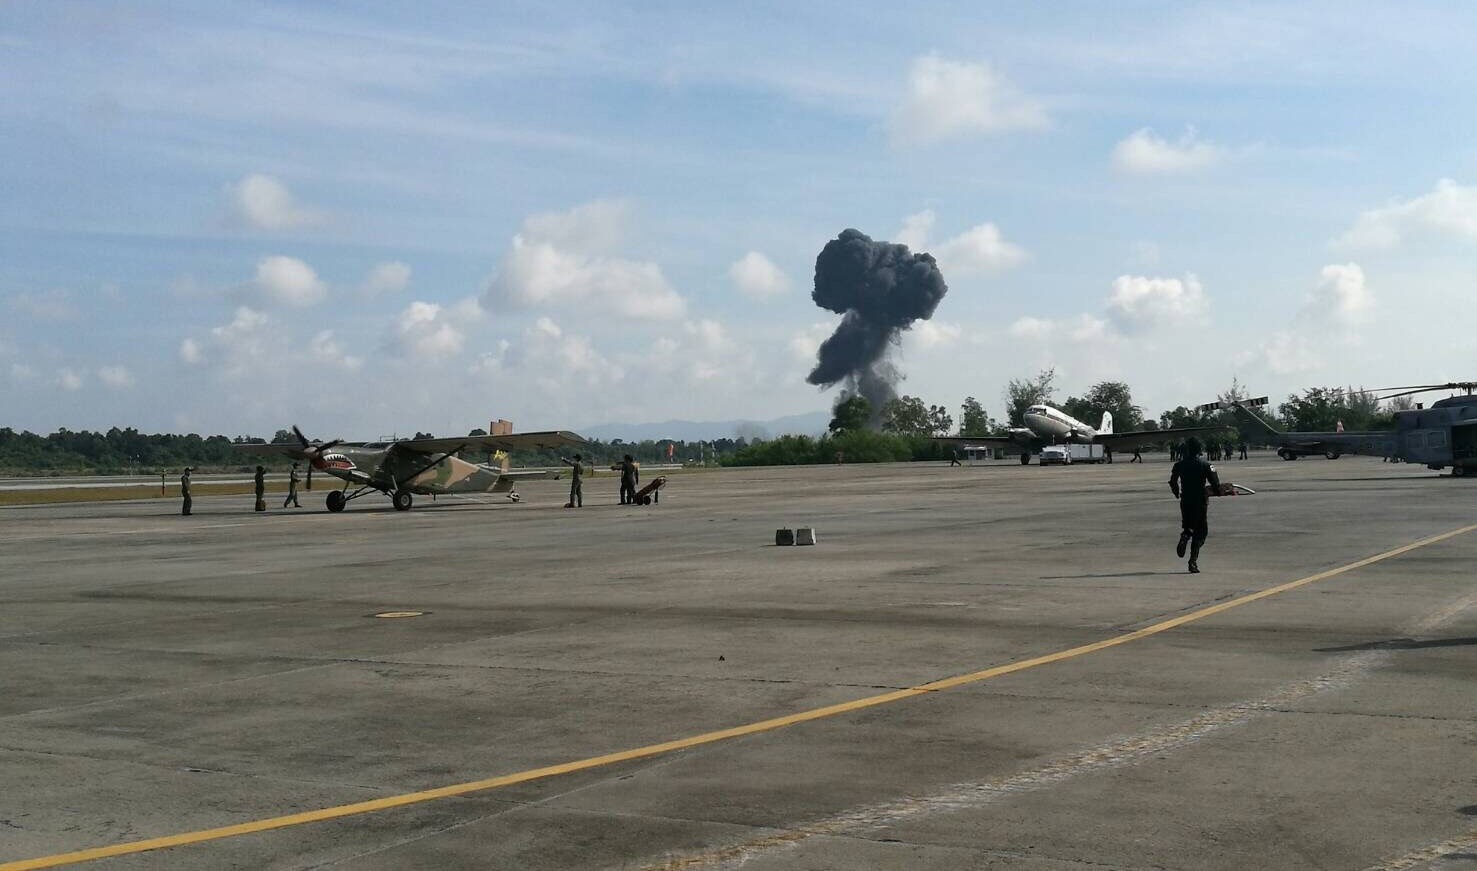 เครื่องบินผาดแผลง โชว์งานวันเด็กหาดใหญ่ตก นักบินเสียชีวิต (คลิป)